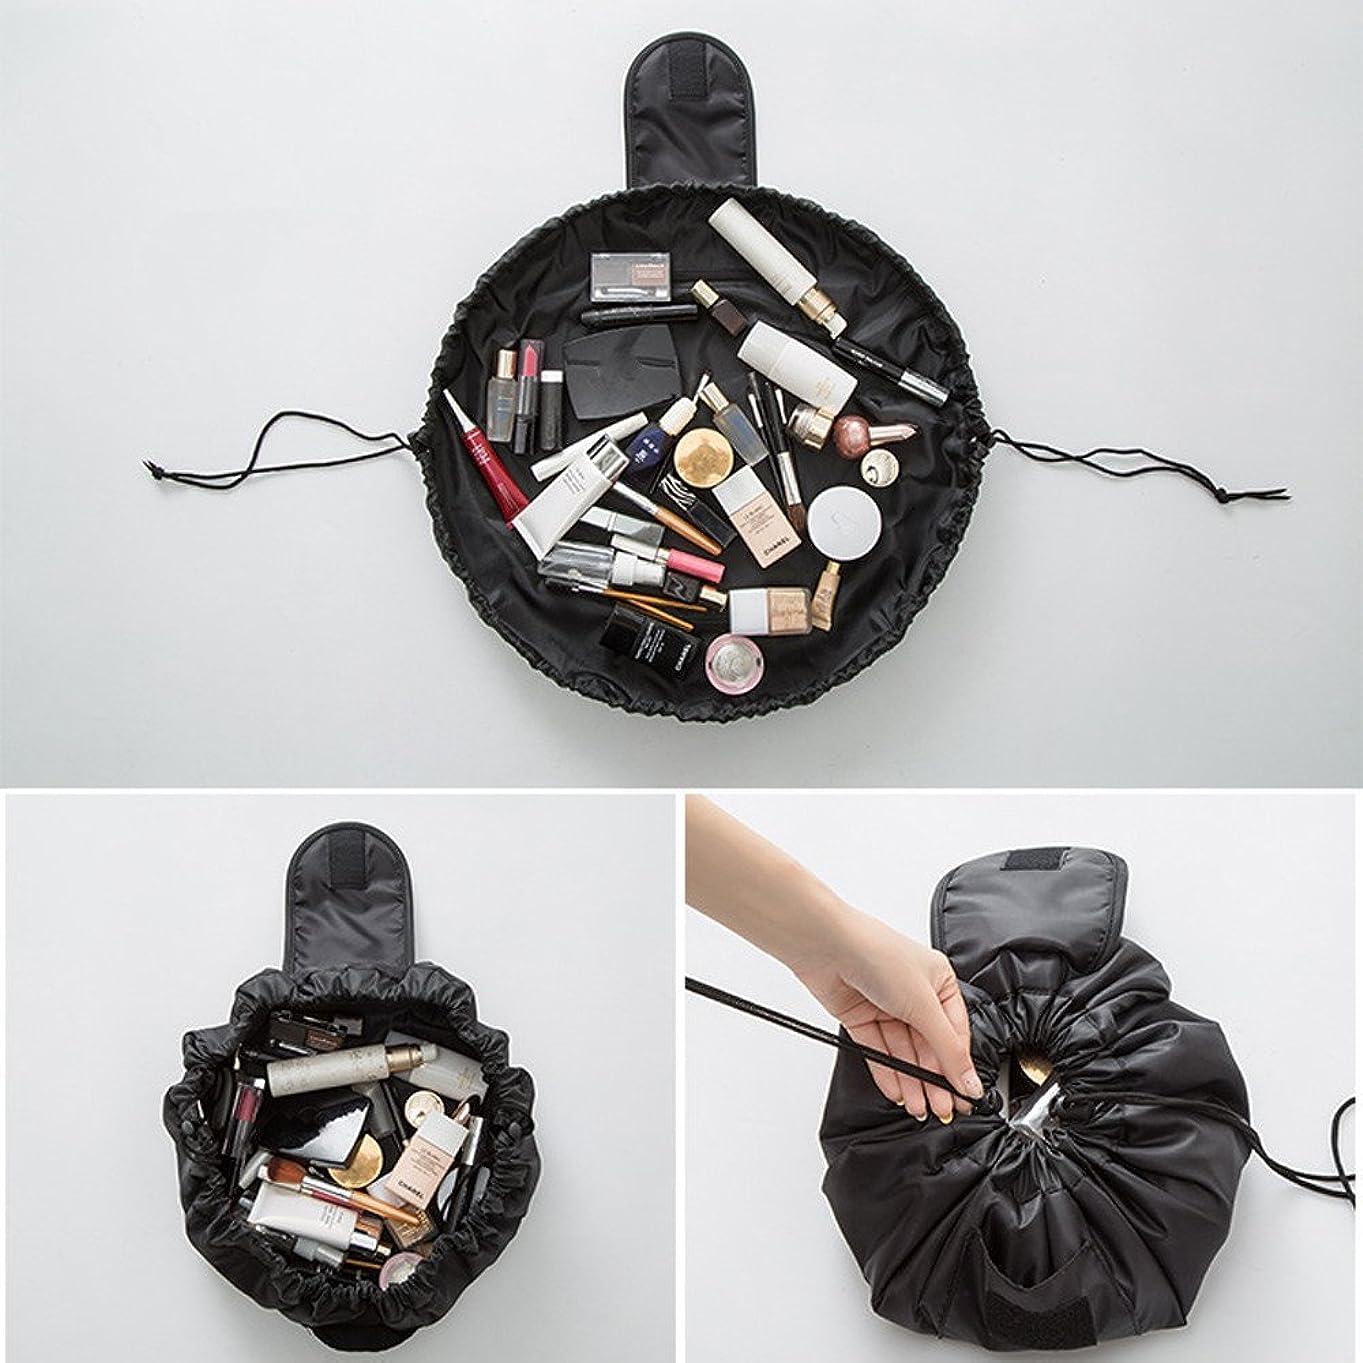 スズメバチダンプファーム旅行メイクバッグ YOKINO 旅行化粧バッグ メイク収納バッグ 化粧ポーチ 大容量 巾着 マジックふろしきポーチ 風